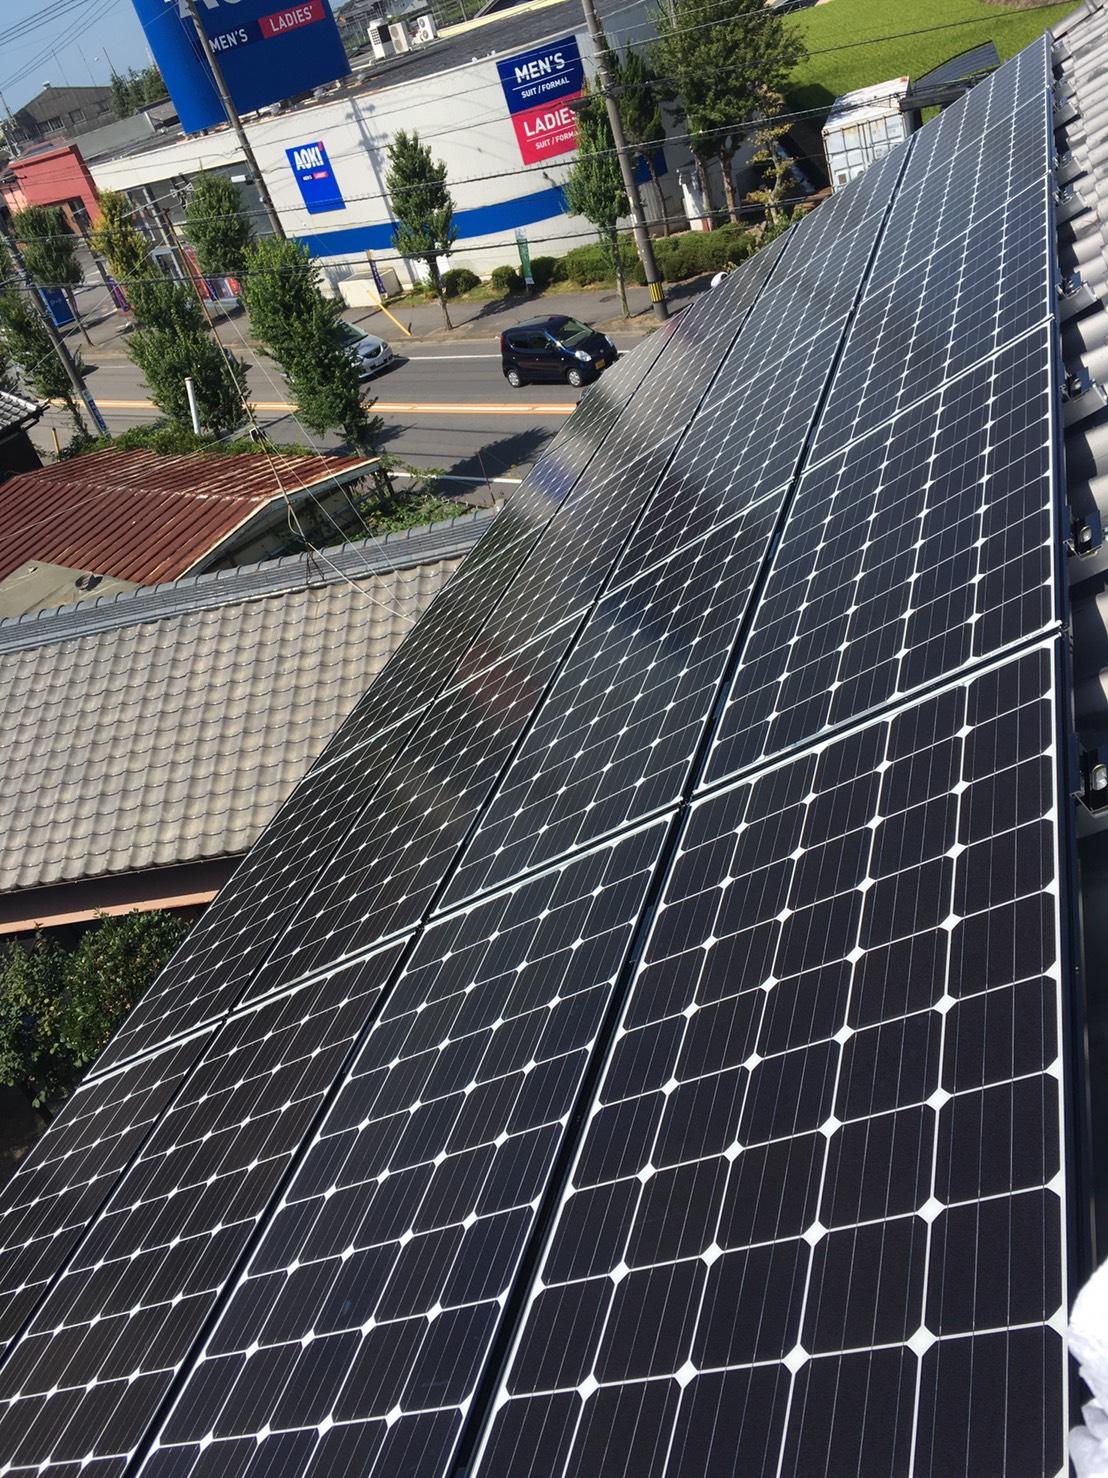 滋賀県三菱太陽光パネル 20枚PV-MA2180K施工後の写真